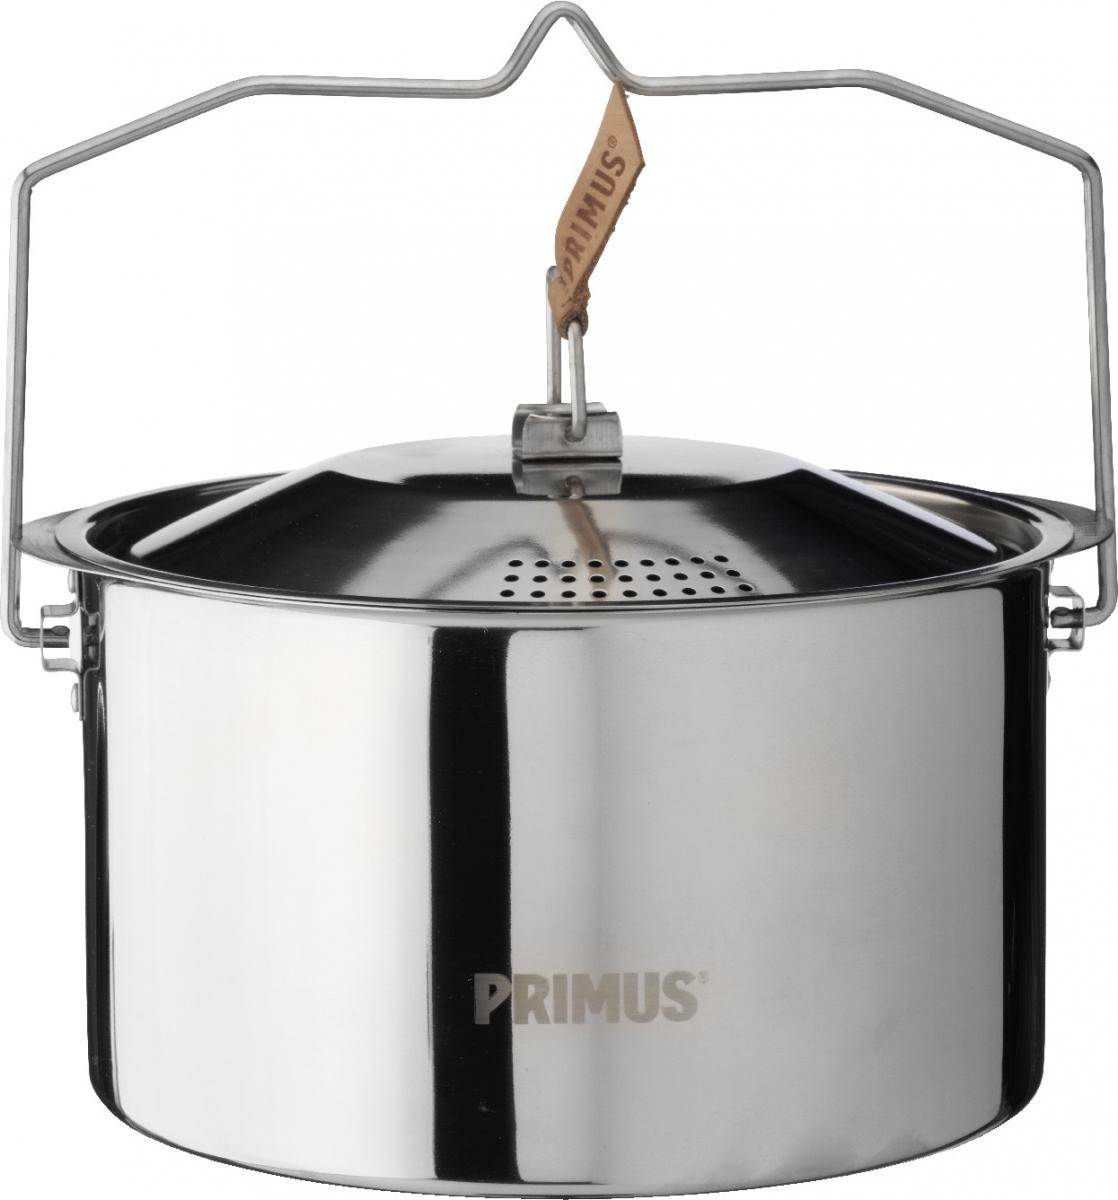 Кастрюля Primus CampFire Pot S/S, цвет: серый, 3 лW10303Campfire Pot S/S - 3L – прочная кастрюля из нержавеющей стали со складной ручкой и крышкой с отверстиями для слива воды для использования на открытом огне. Идеальный, простой и практичный вариант для больших путешествий. Чехол в комплекте.